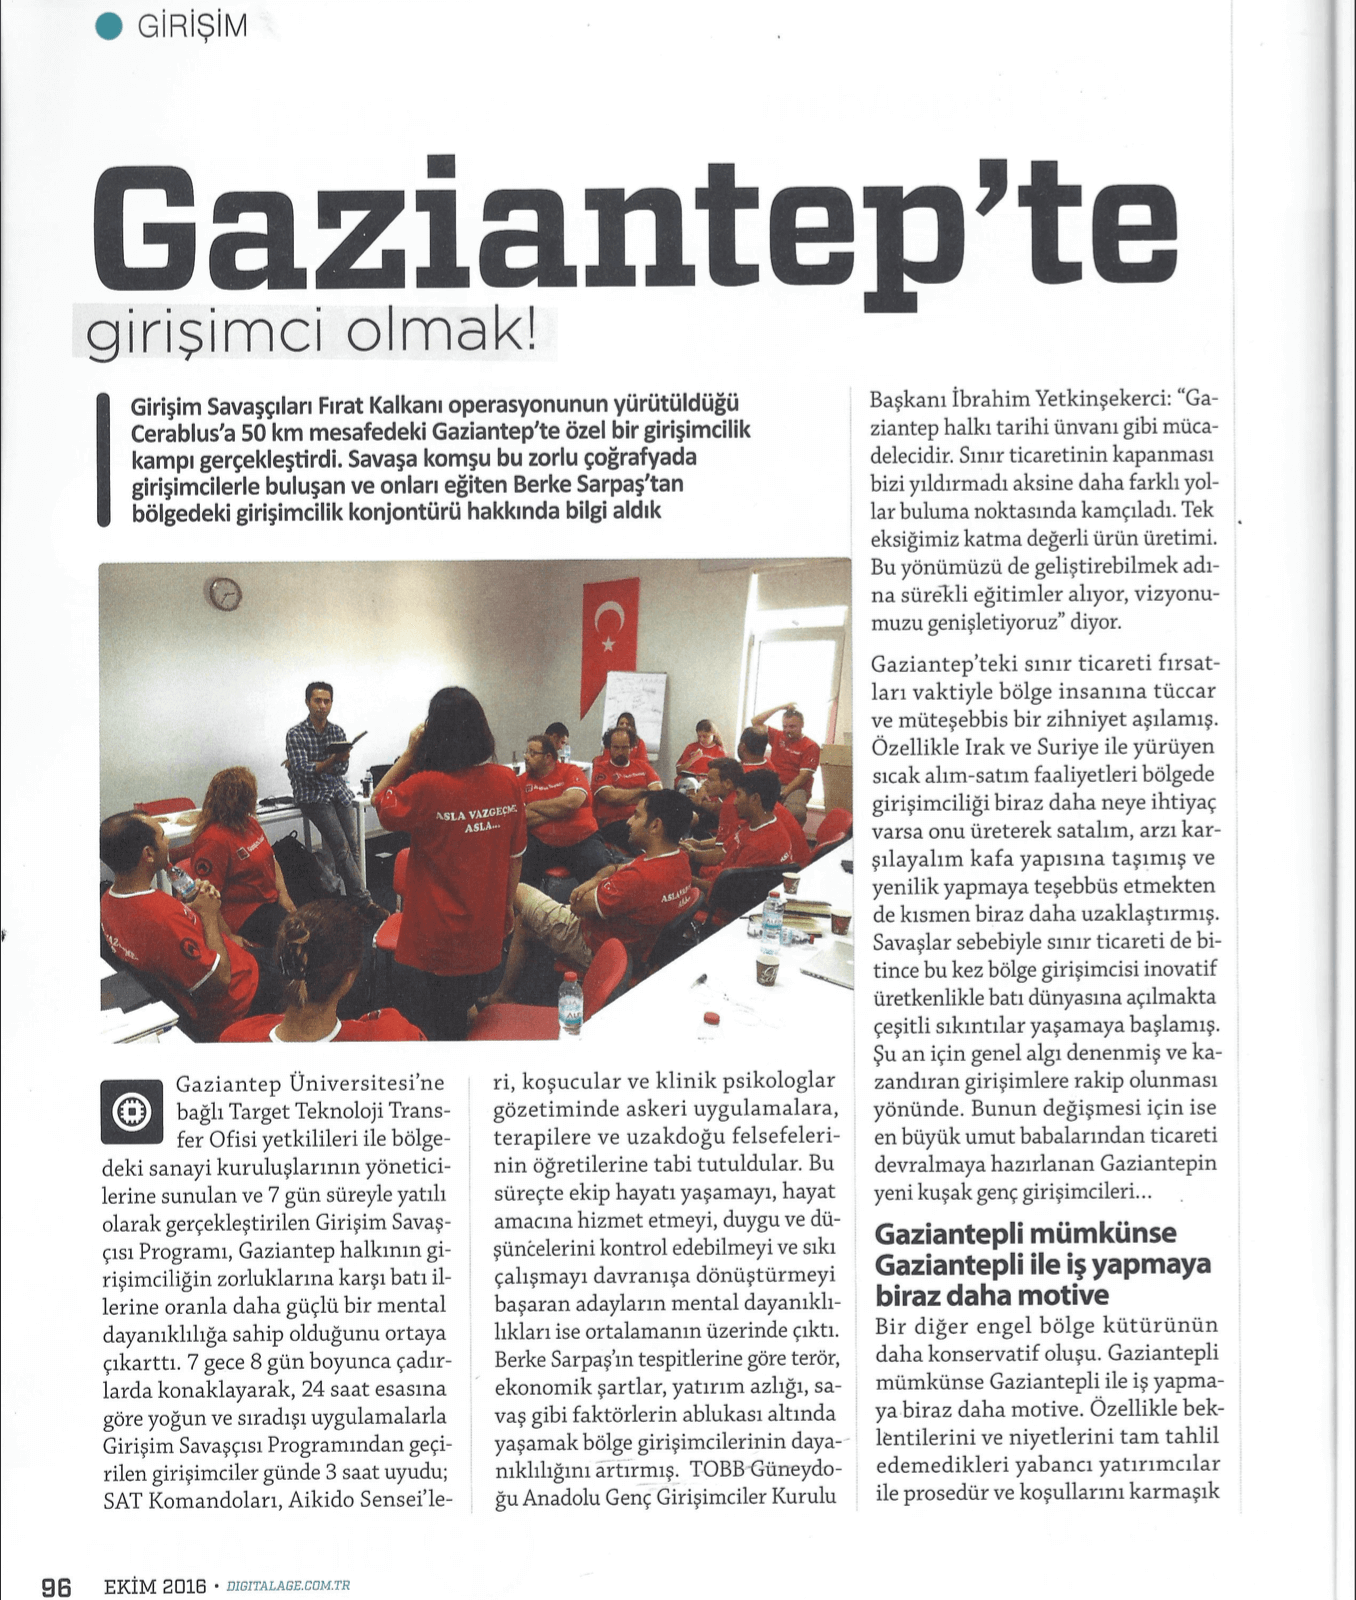 Gaziantep'te Girişimci Olmak